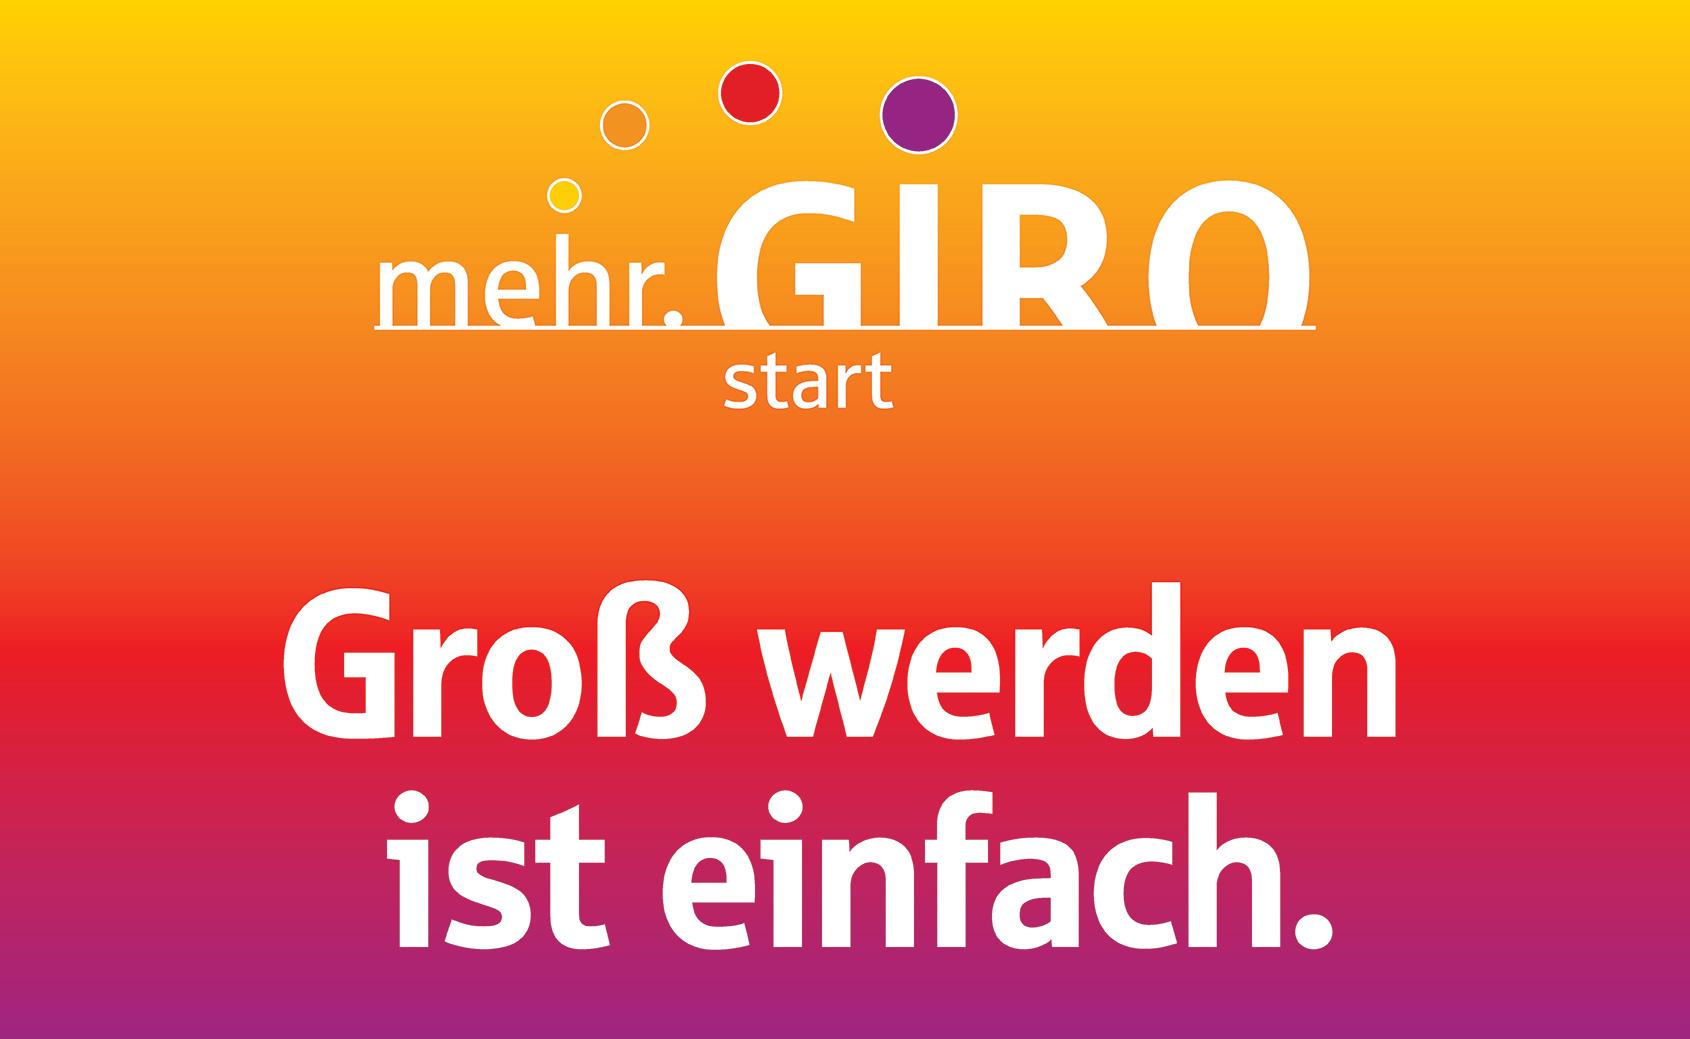 Mit mehr.GIRO start am Weltspartag günstige Karten für den Trampolin-Tag der Sparkasse Fürth am 15. November 2019 sichern.